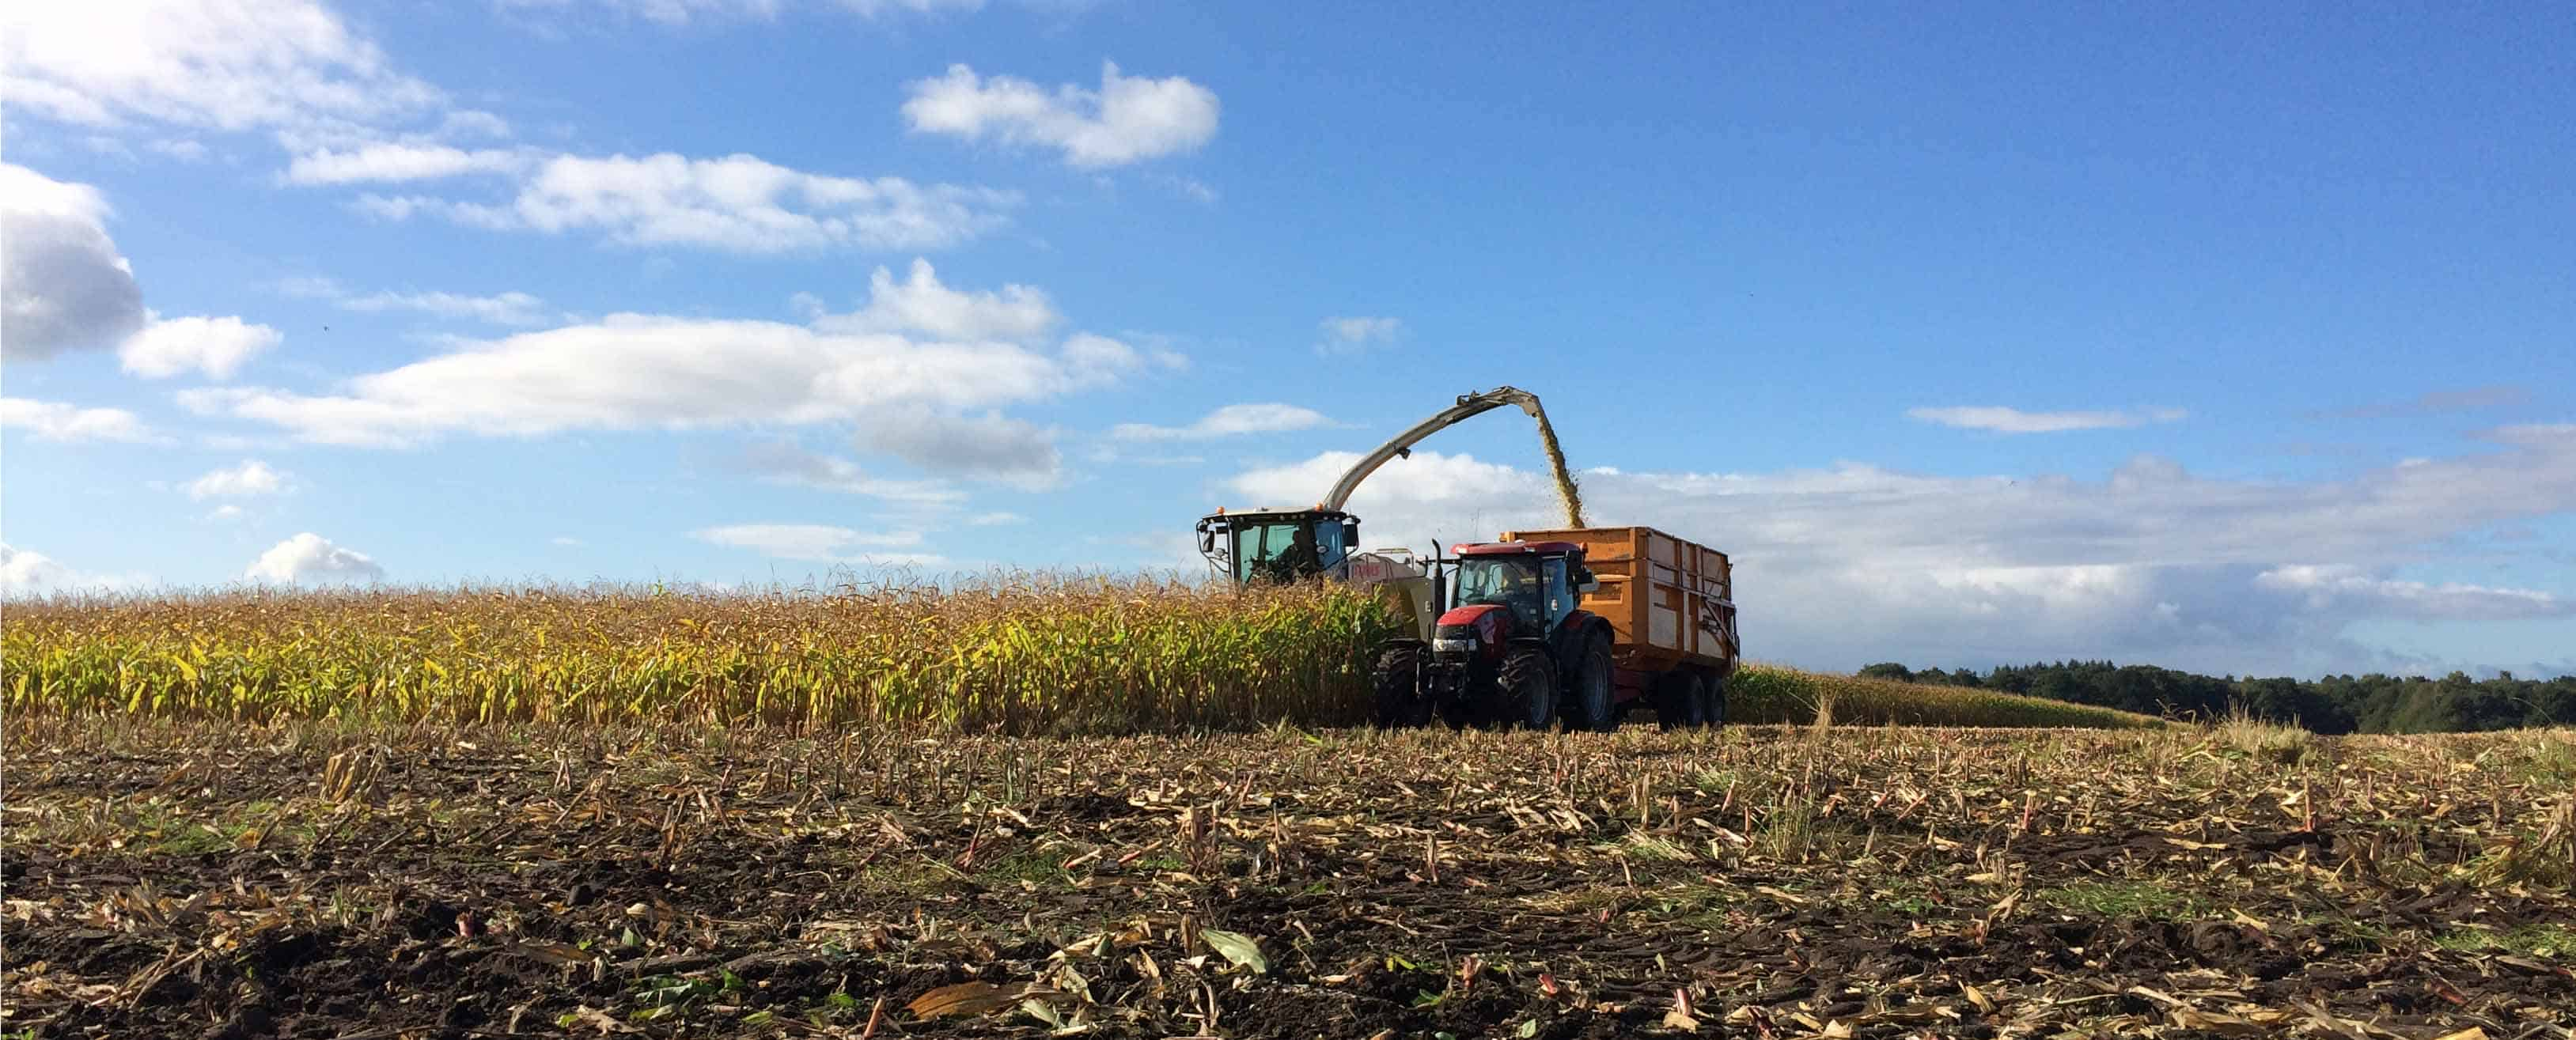 Maïs oogsten! Mooi weer, veel hulp & gezelligheid 💪